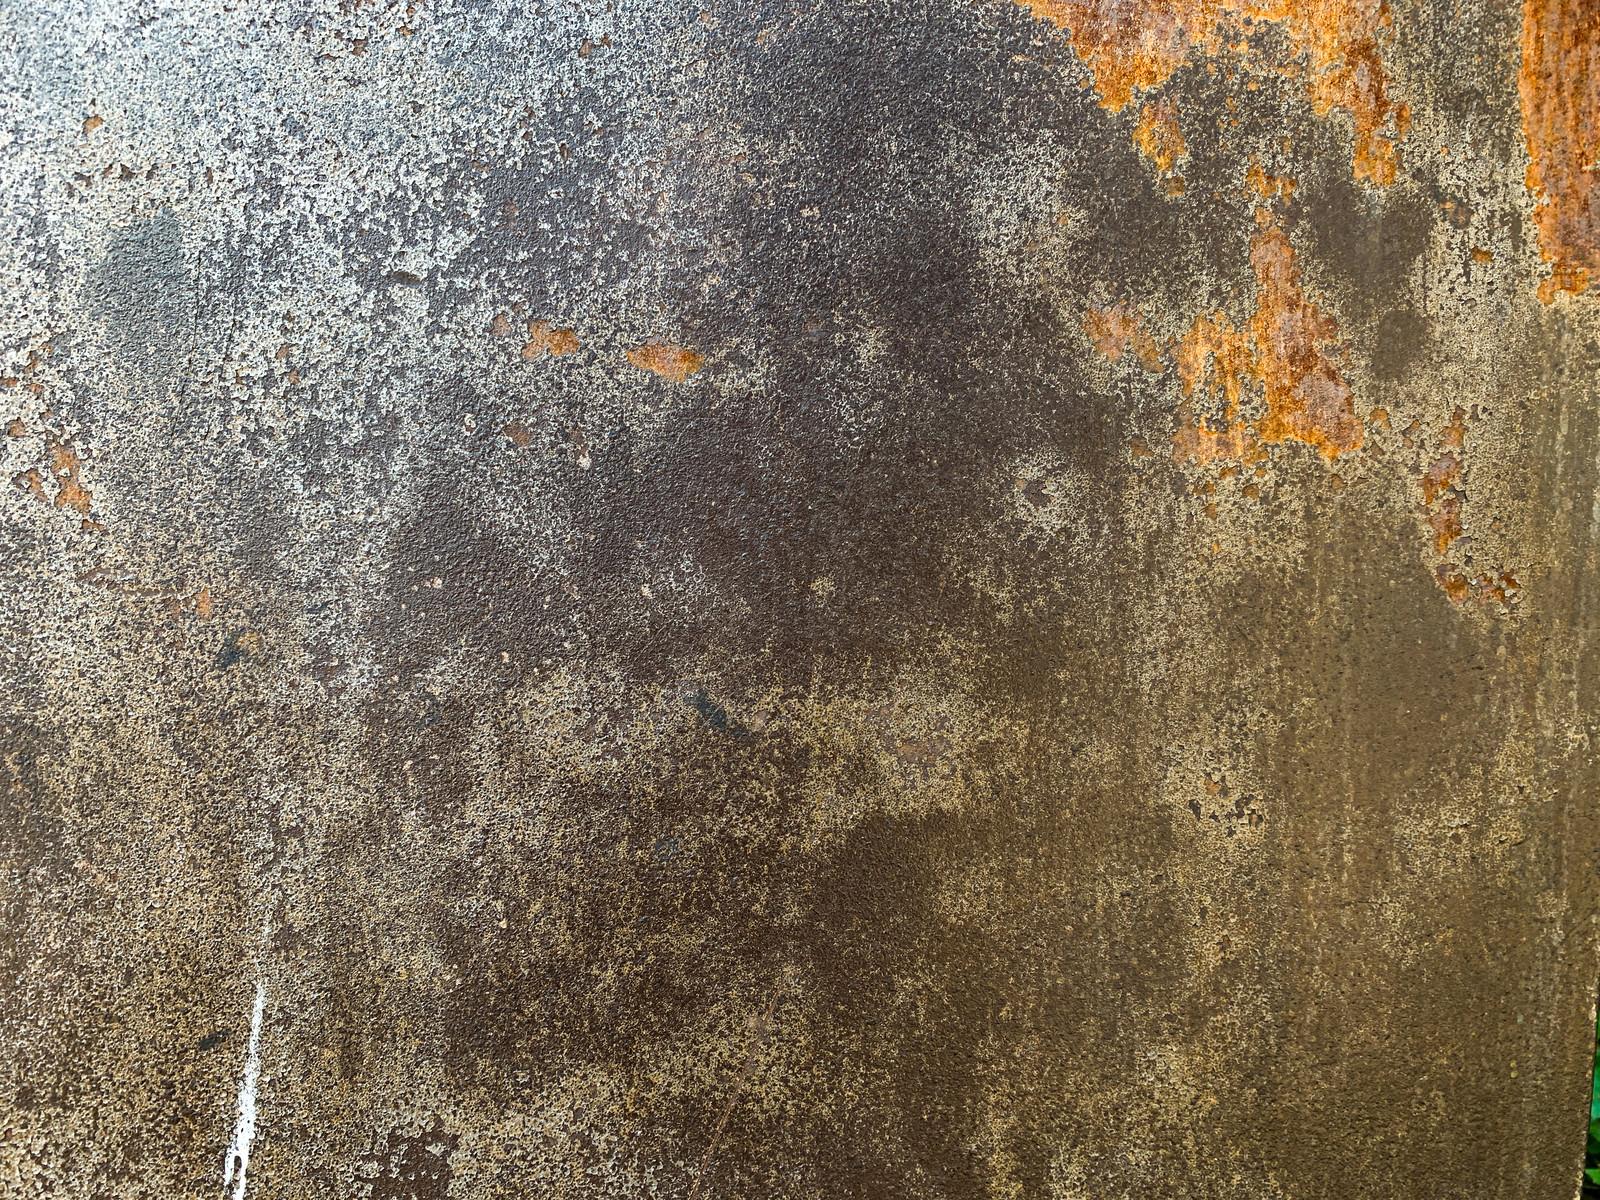 「剥がれた部分が錆び付いた鉄壁(テクスチャ)」の写真